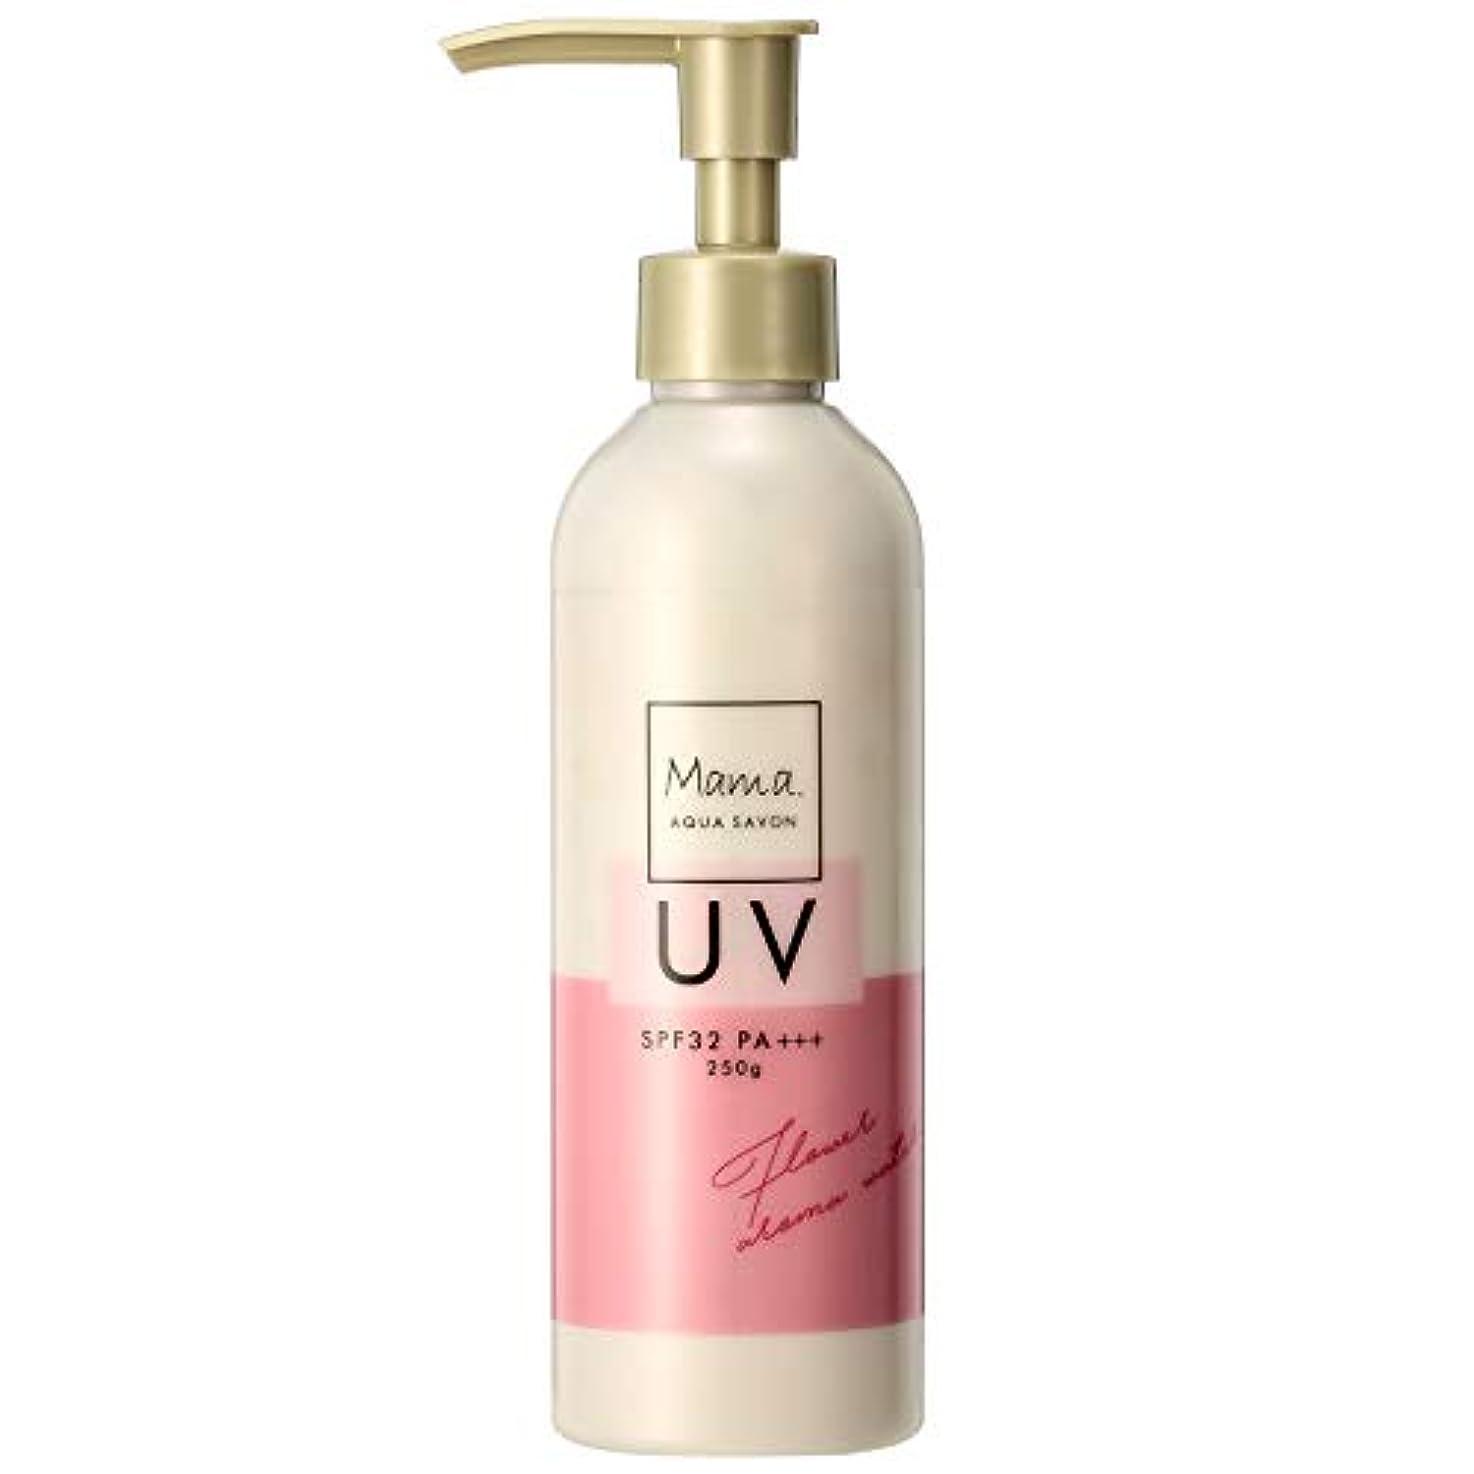 文庫本くしゃくしゃ砂漠ママアクアシャボン UVモイストジェル フラワーアロマウォーターの香り 19S 250g